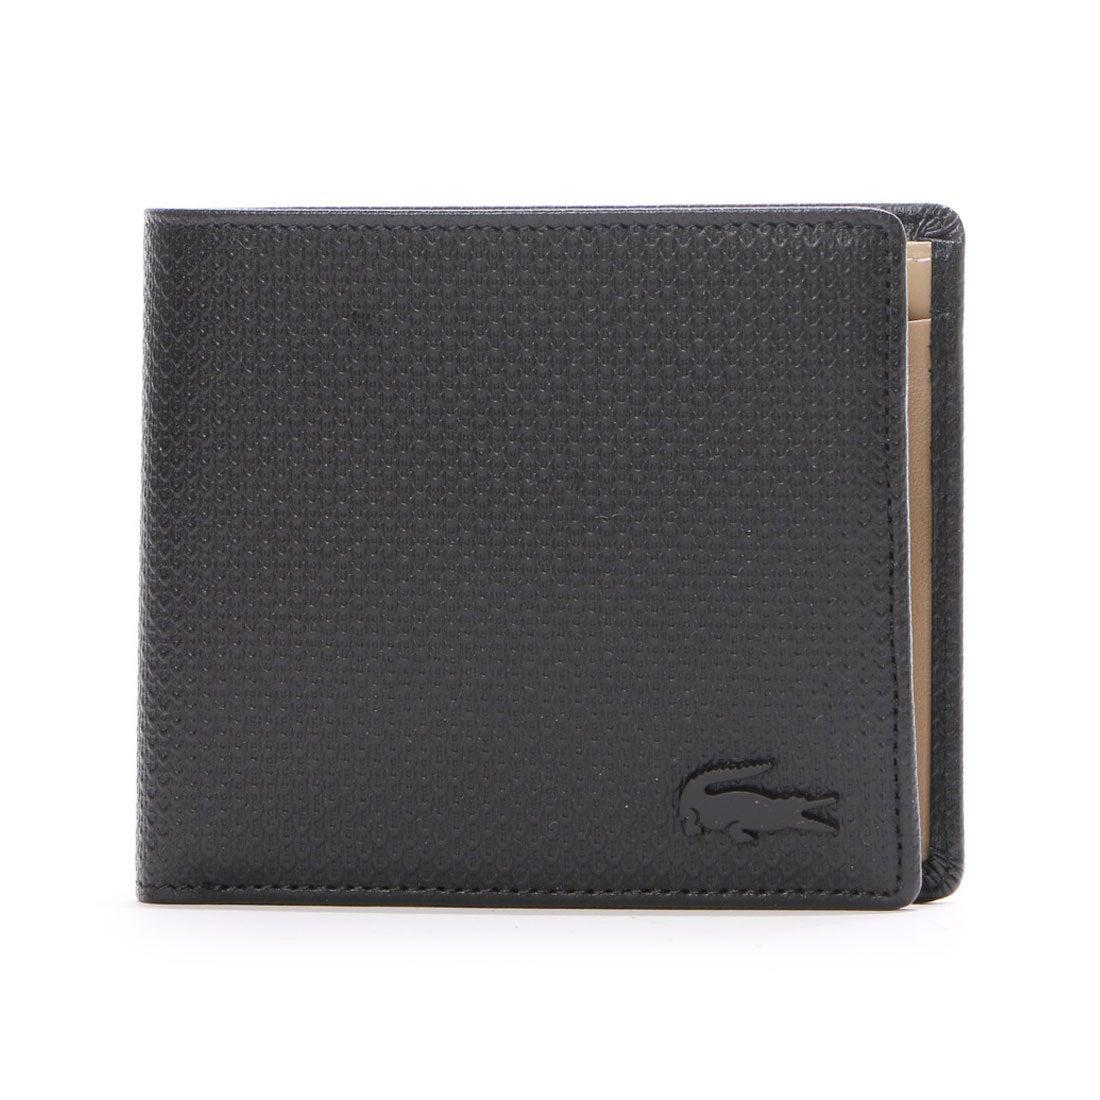 ラコステLACOSTECHANTACOMEN2つ折り財布(ブラック)